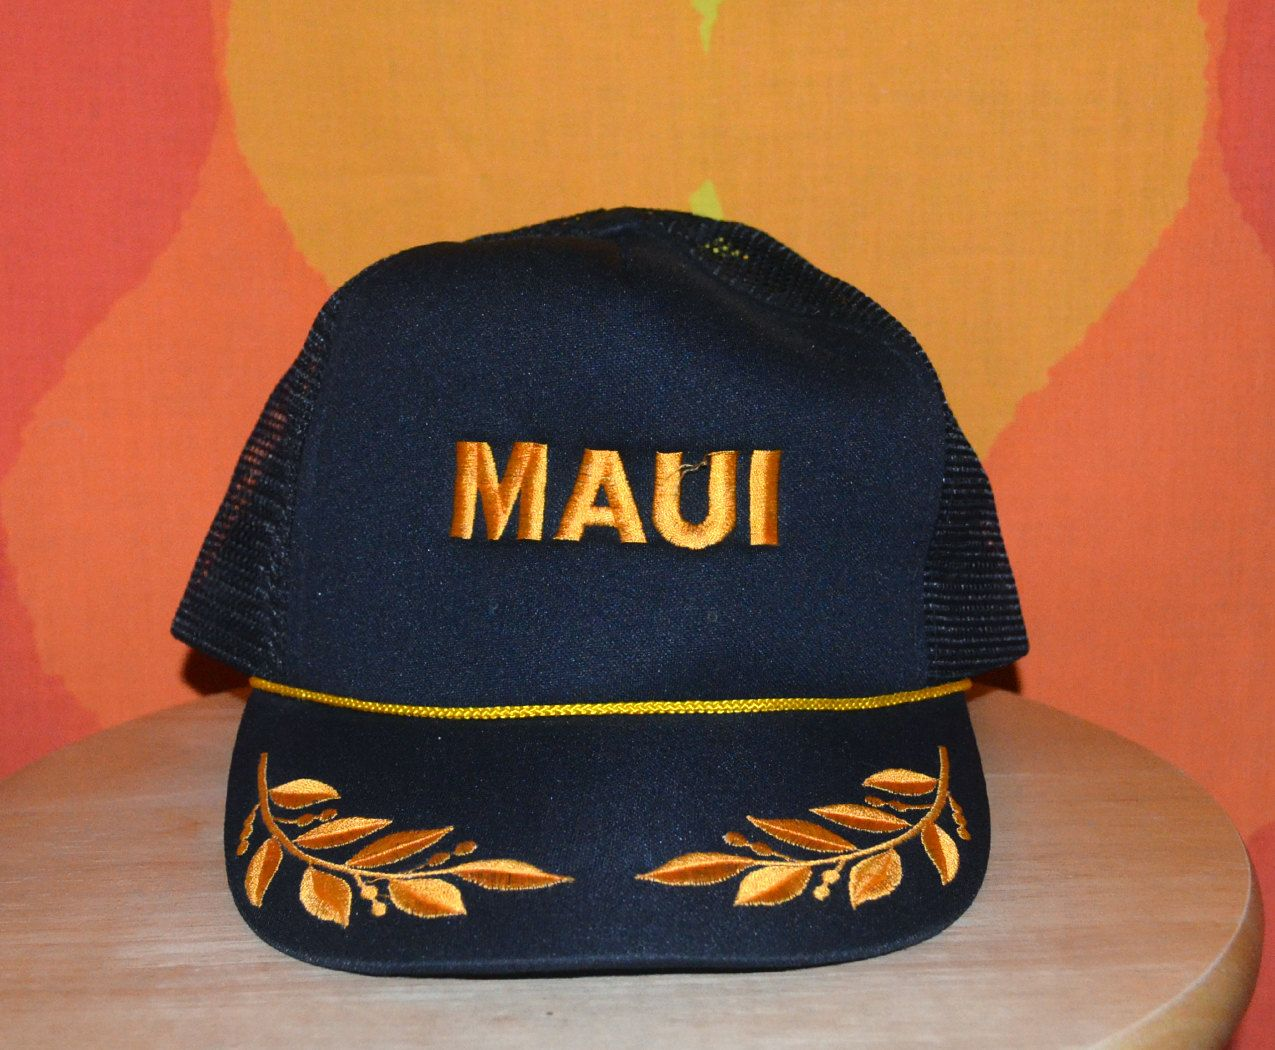 4b2288bf2d4c7 ... vintage 70s trucker hat mesh maui hawaii gold leaf black snapback baseball  cap rockstar italy vintage 80s baseball cap rental city cowboy red twill ...